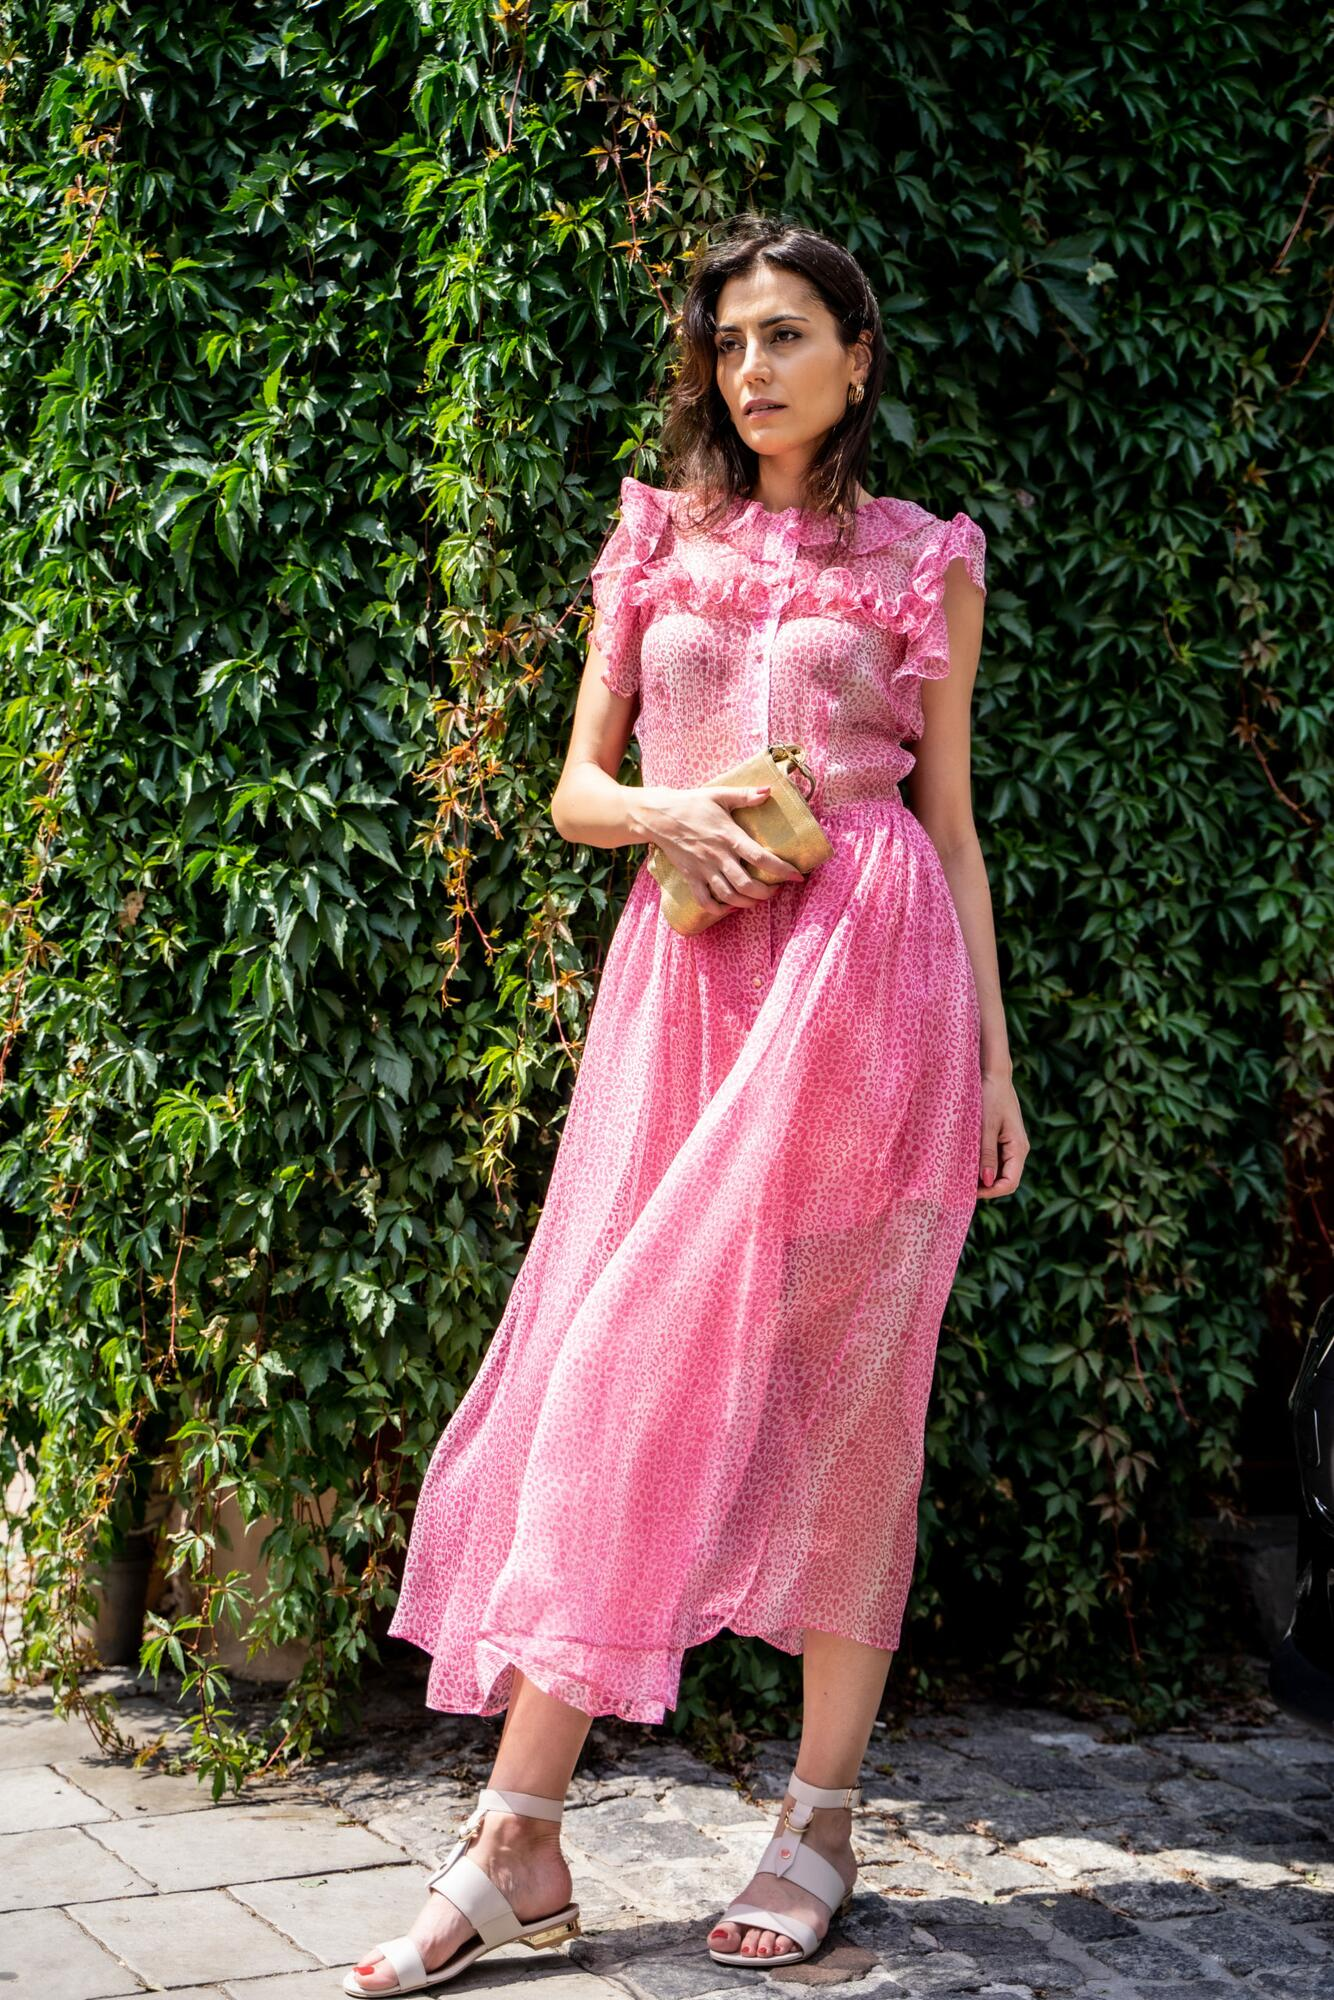 Sukienka jedwabna LAGUNA ROSA - kod rabatowy - SYLVIA DARA SYLWIA DYDA | JestemSlow.pl